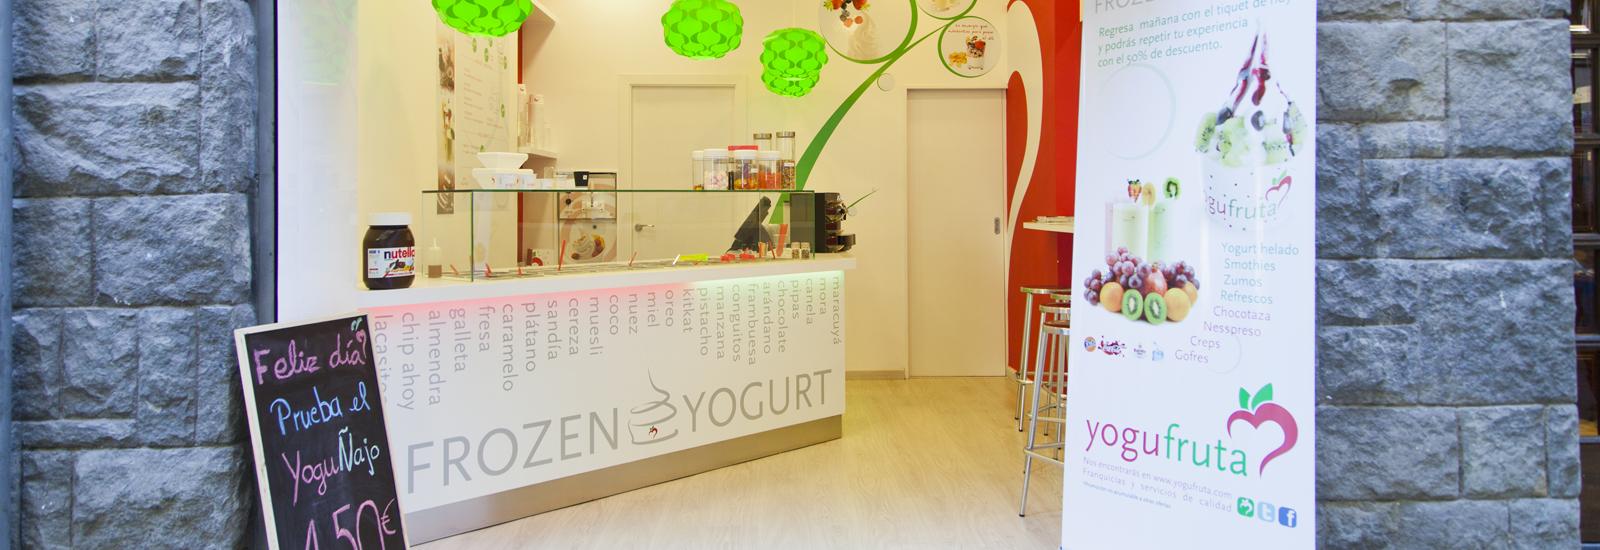 ¿Cómo atraer y hacer atractiva su yogurteria para turistas?